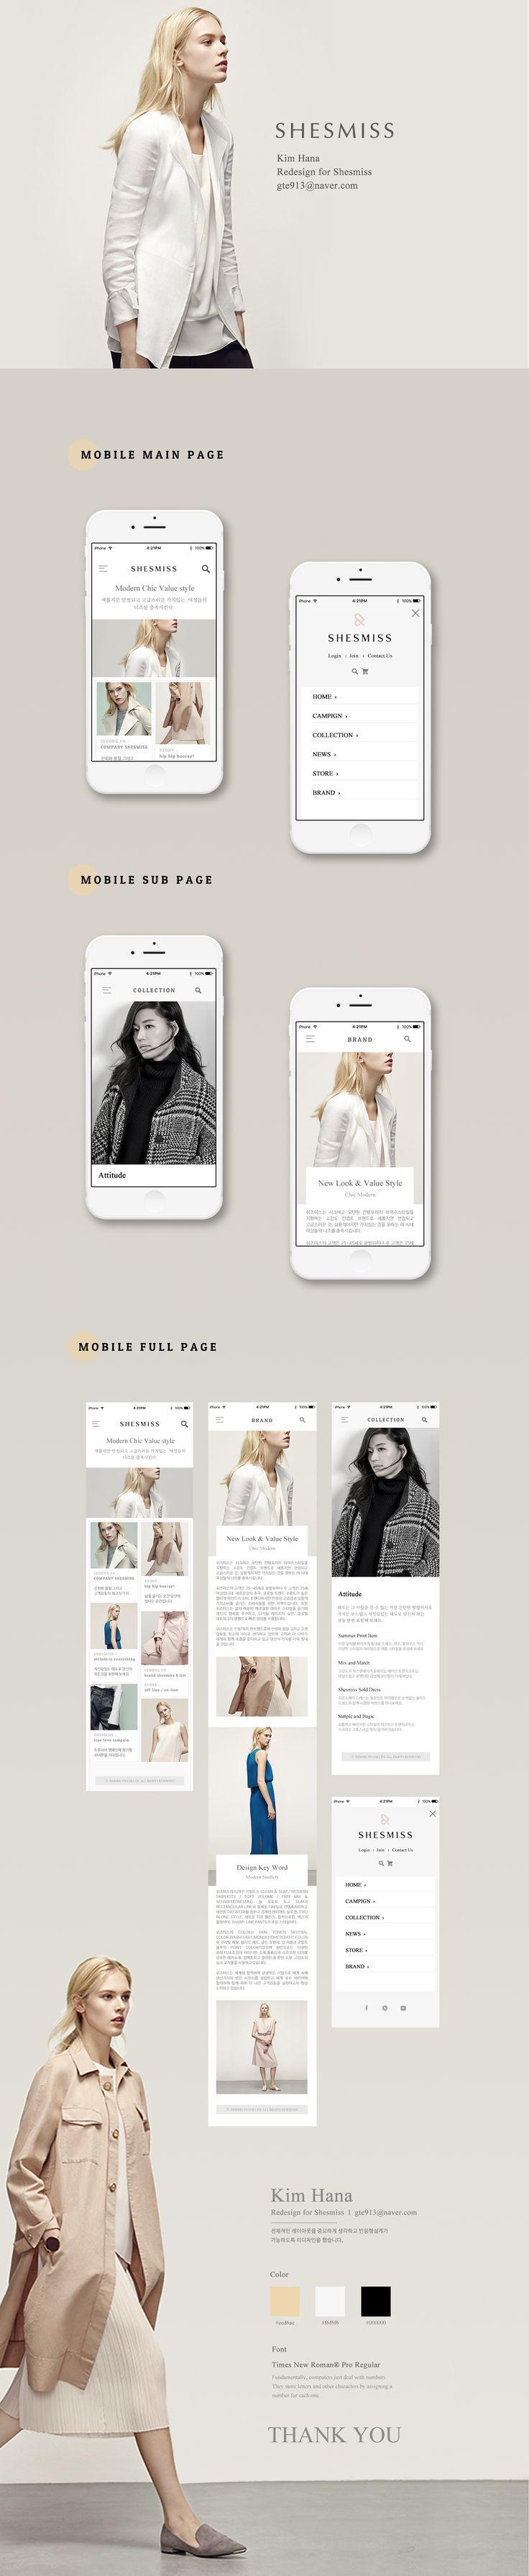 SHESMISS MobileRedesign - Design by Kim-hana - www.uks on Behance